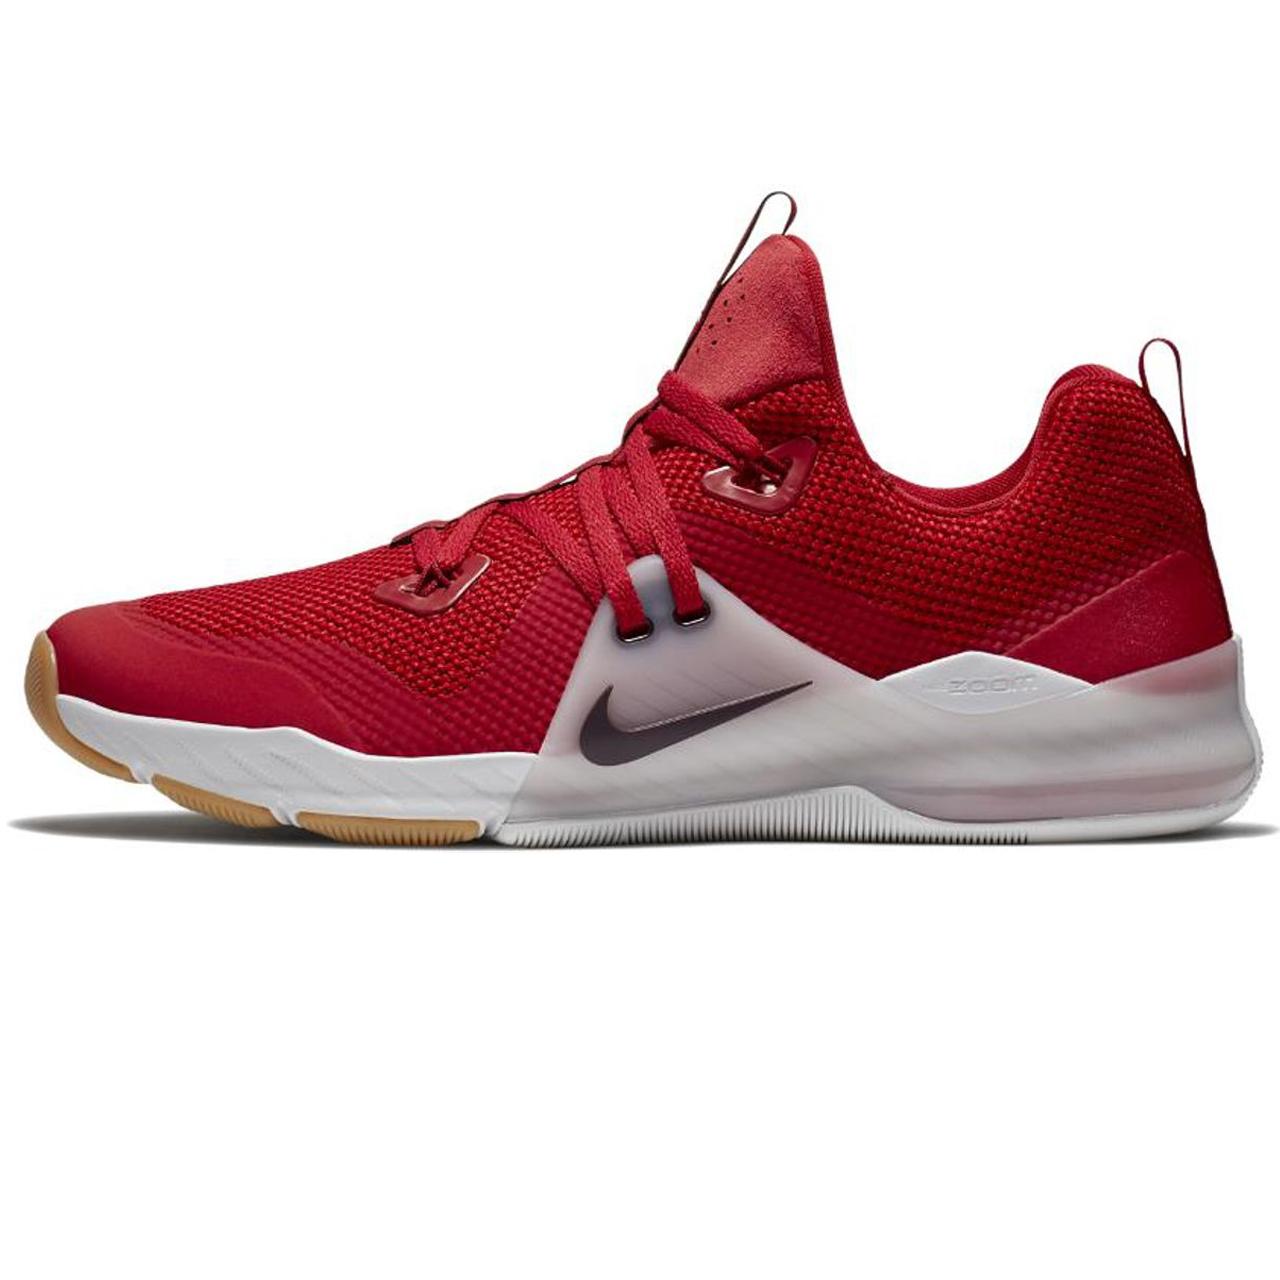 کفش مخصوص دویدن مردانه نایکی مدل ZOOM train  کد 6765-945